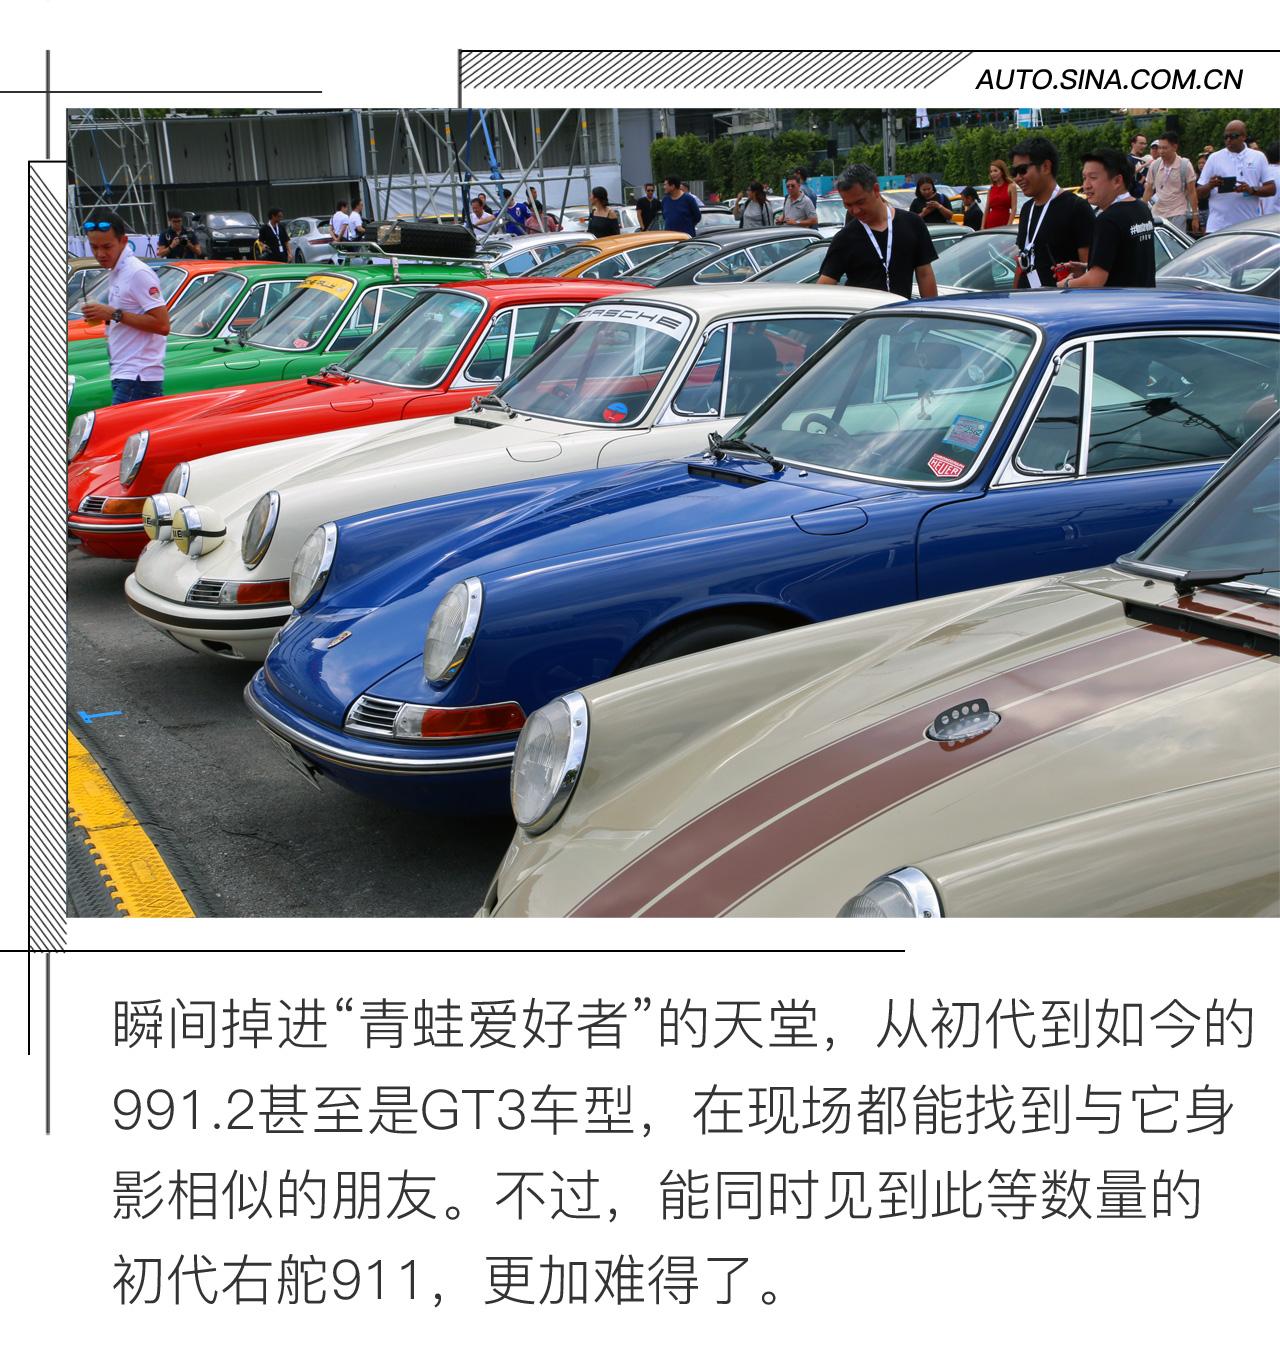 生日快乐 保时捷70周年泰国之旅